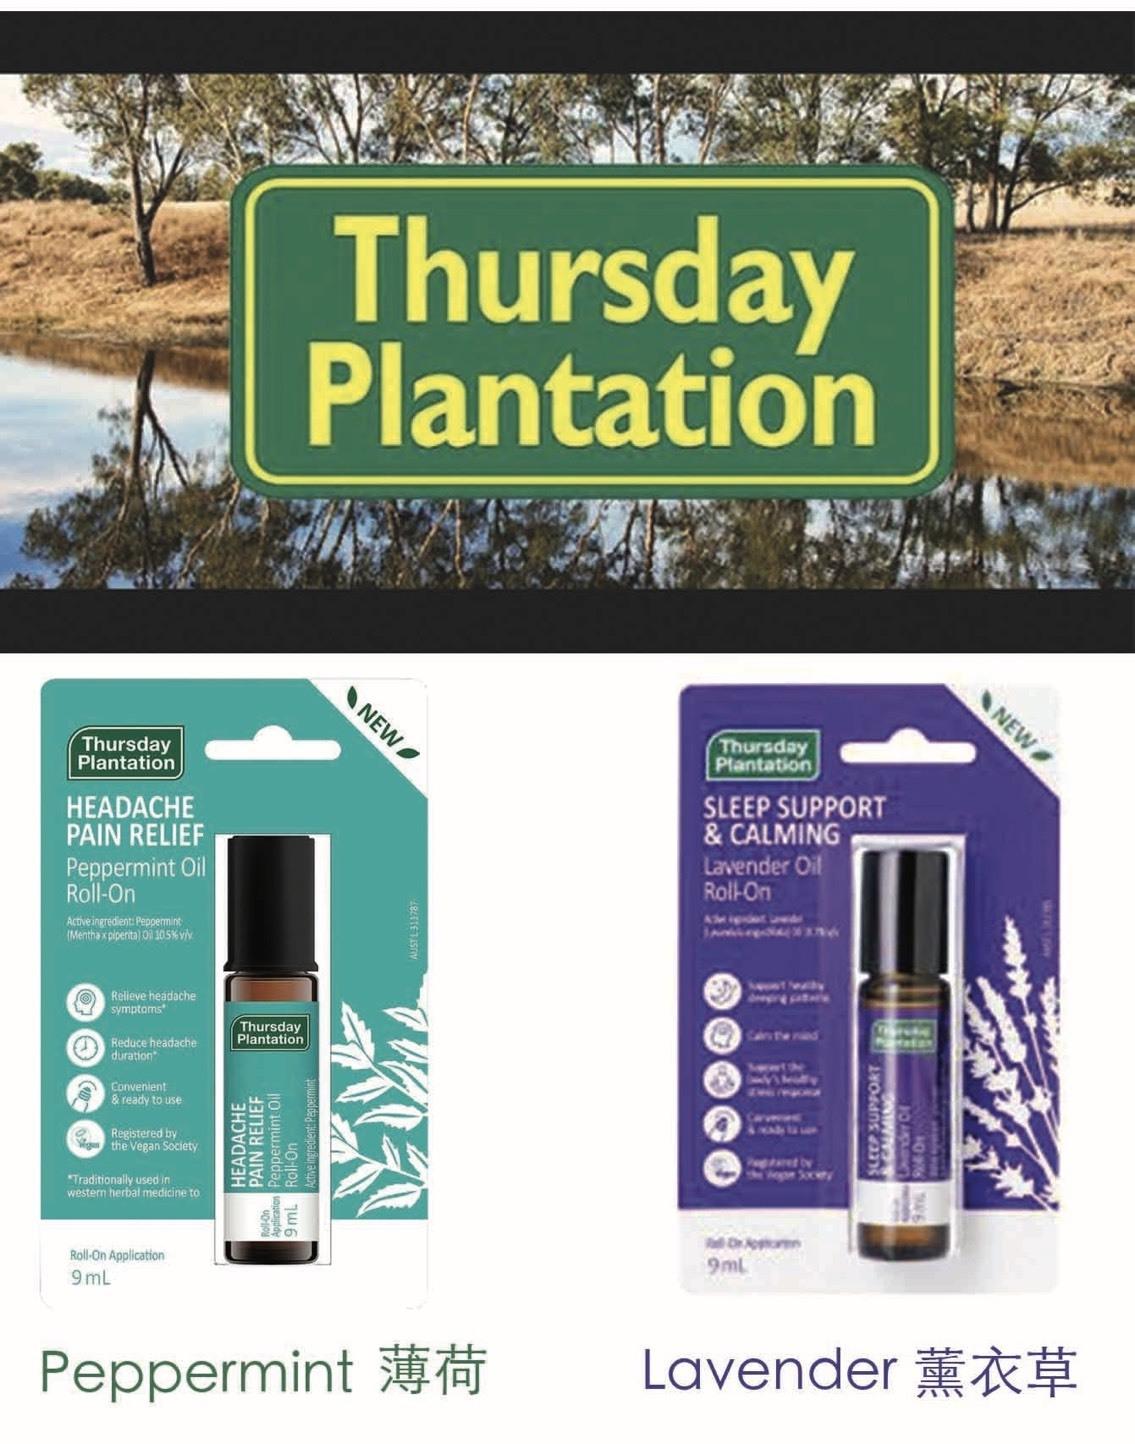 澳洲 Thursday Plantation 星期四農莊精油滾珠瓶 9ml